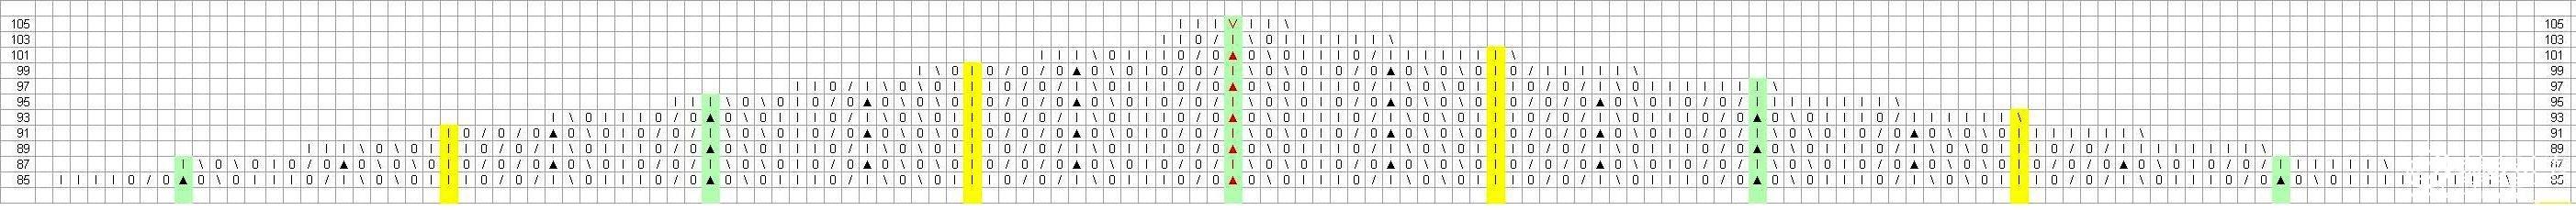 新月图解4.jpg